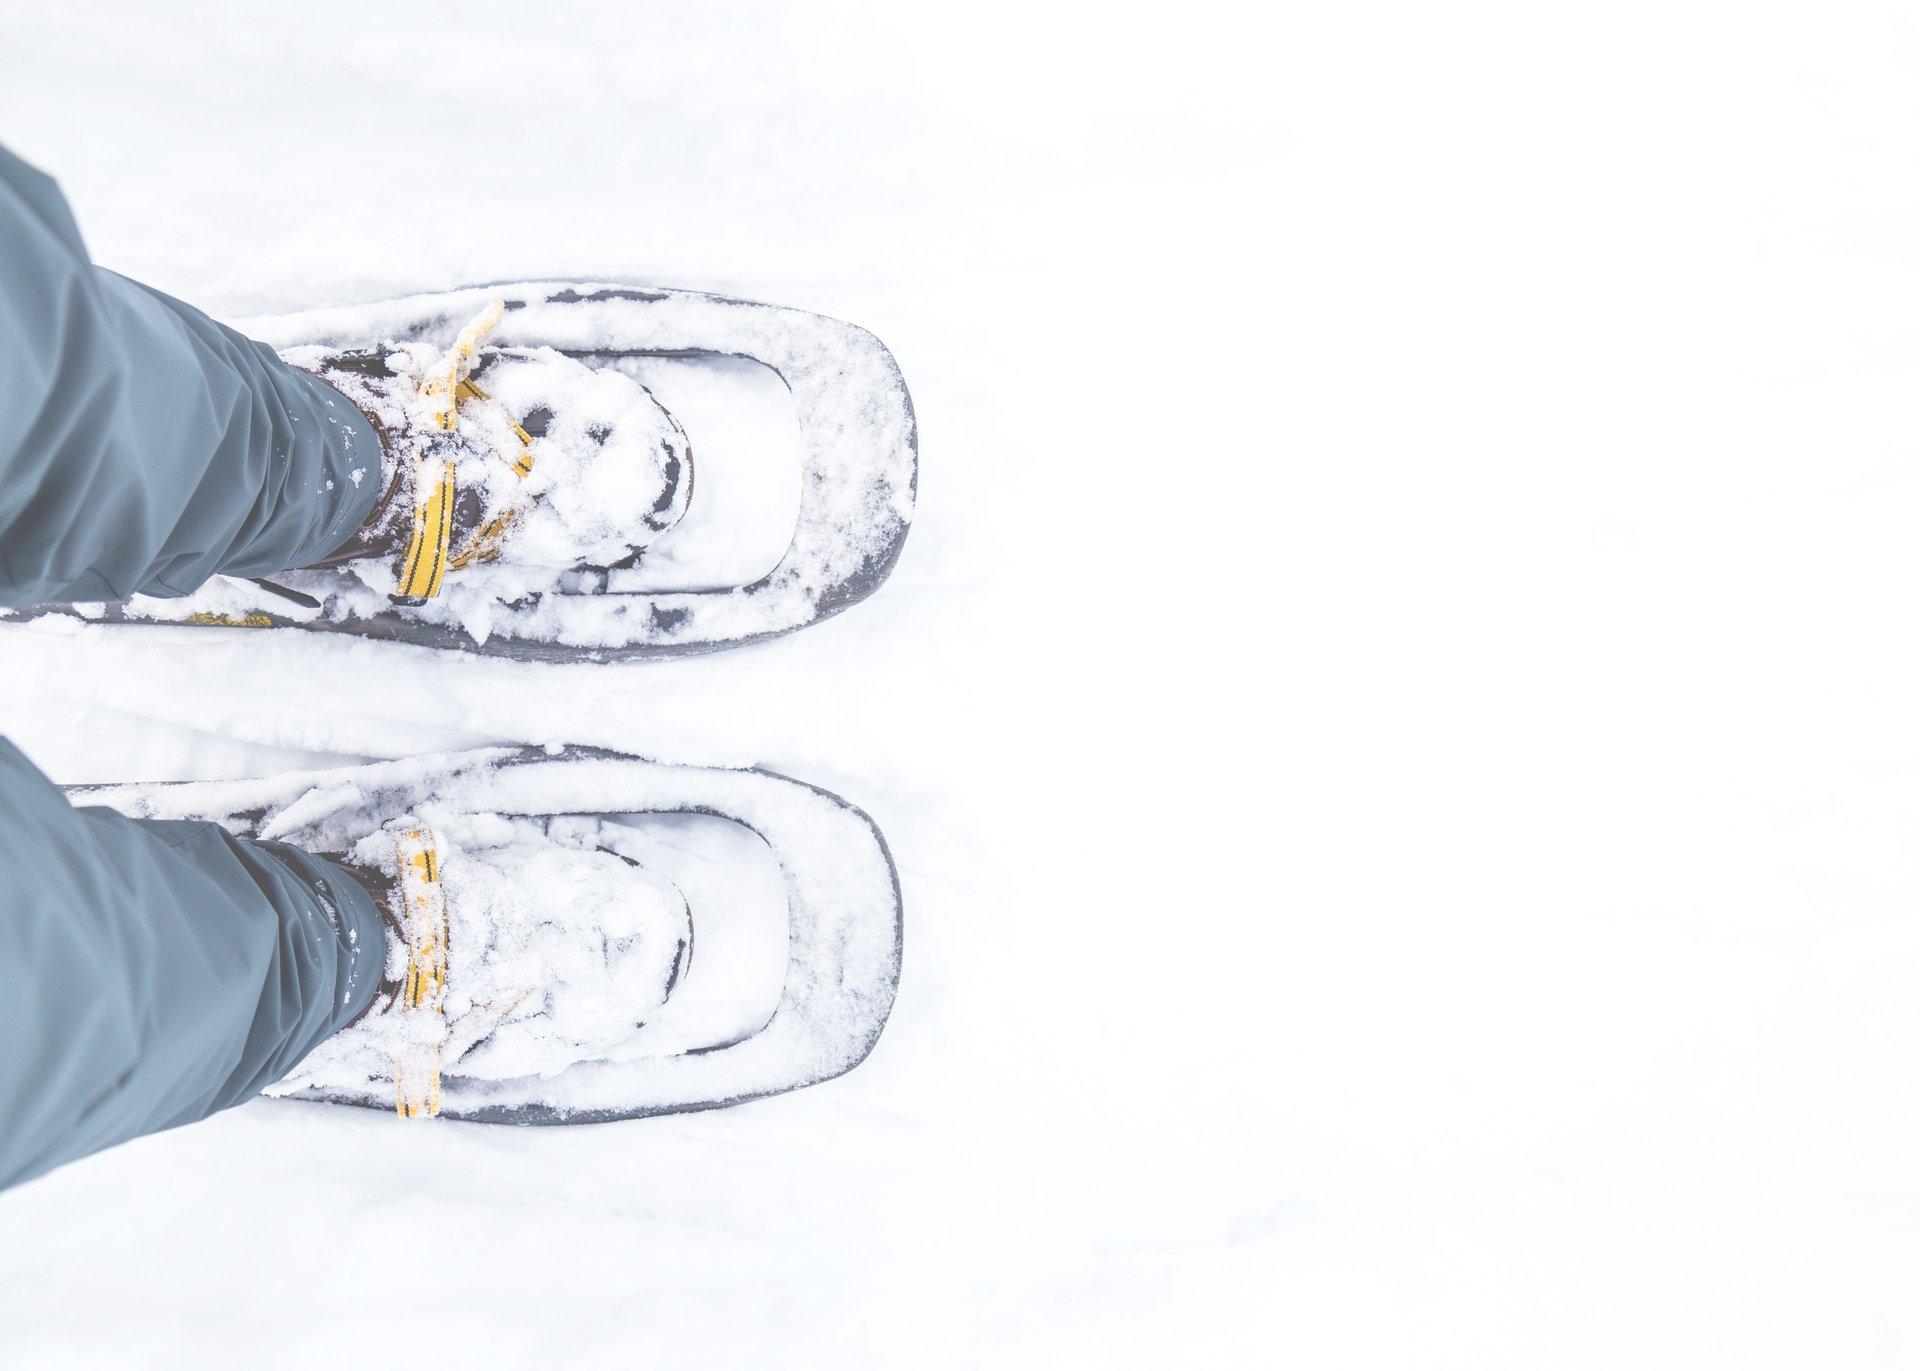 Snowshoeing in Utah 2020 - Best Time